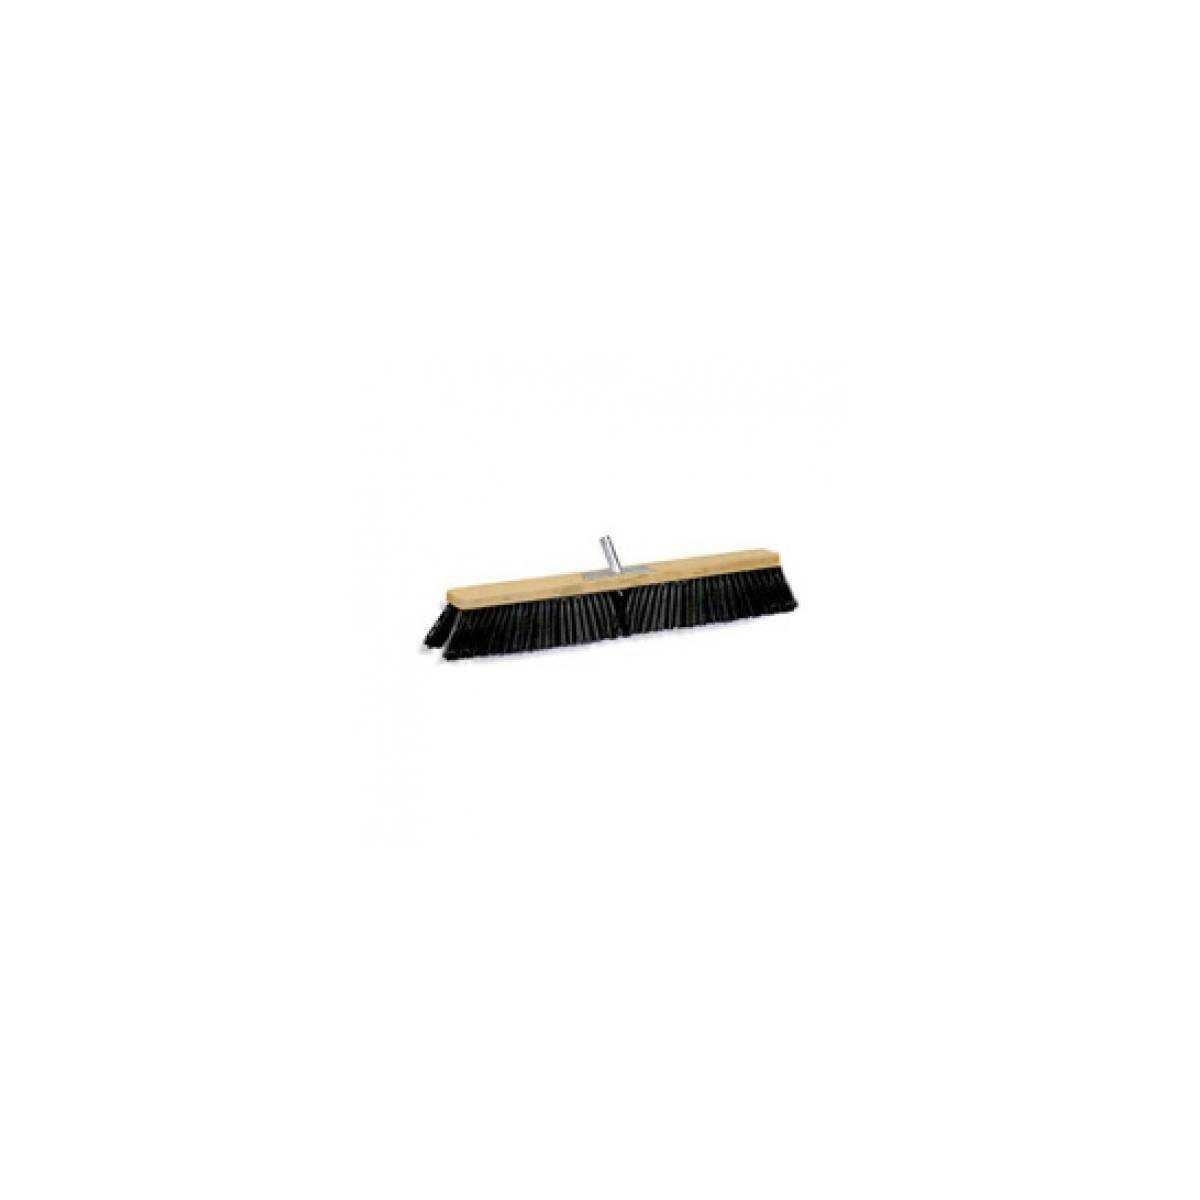 Щетка для пола поливинилхлорид 60см 5501 TTS